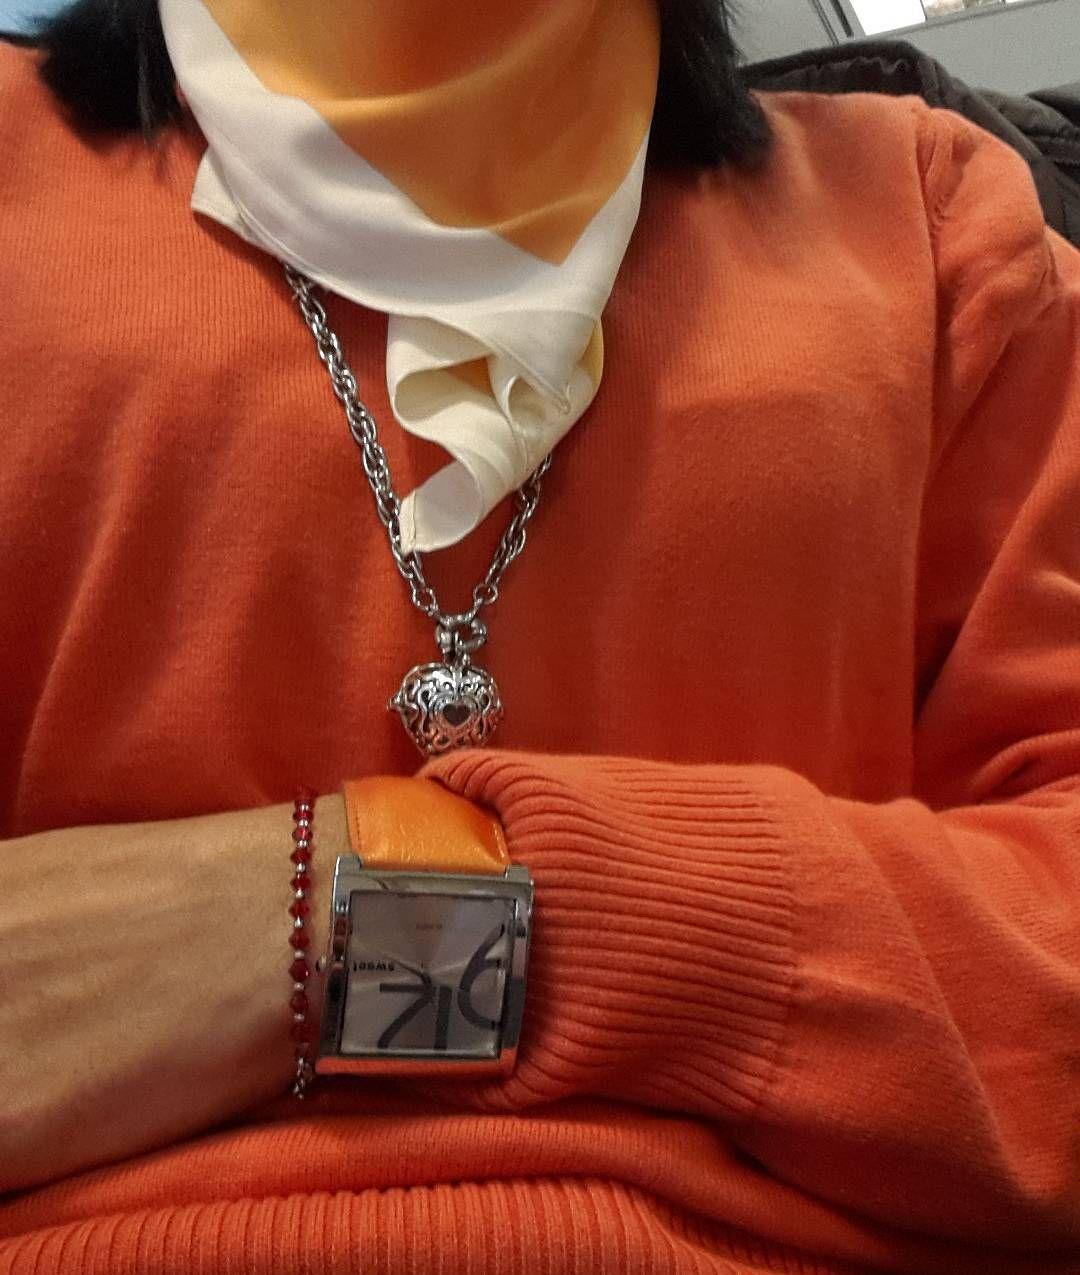 Si la #primavera no viene a vos vos te vestis de primavera.  Si vas a combinar la ropa...combinala bien. #spring #naranja #orange #casual #Friday #watch #reloj #pashmina @assiataifan aporta #relicario con #piedra!